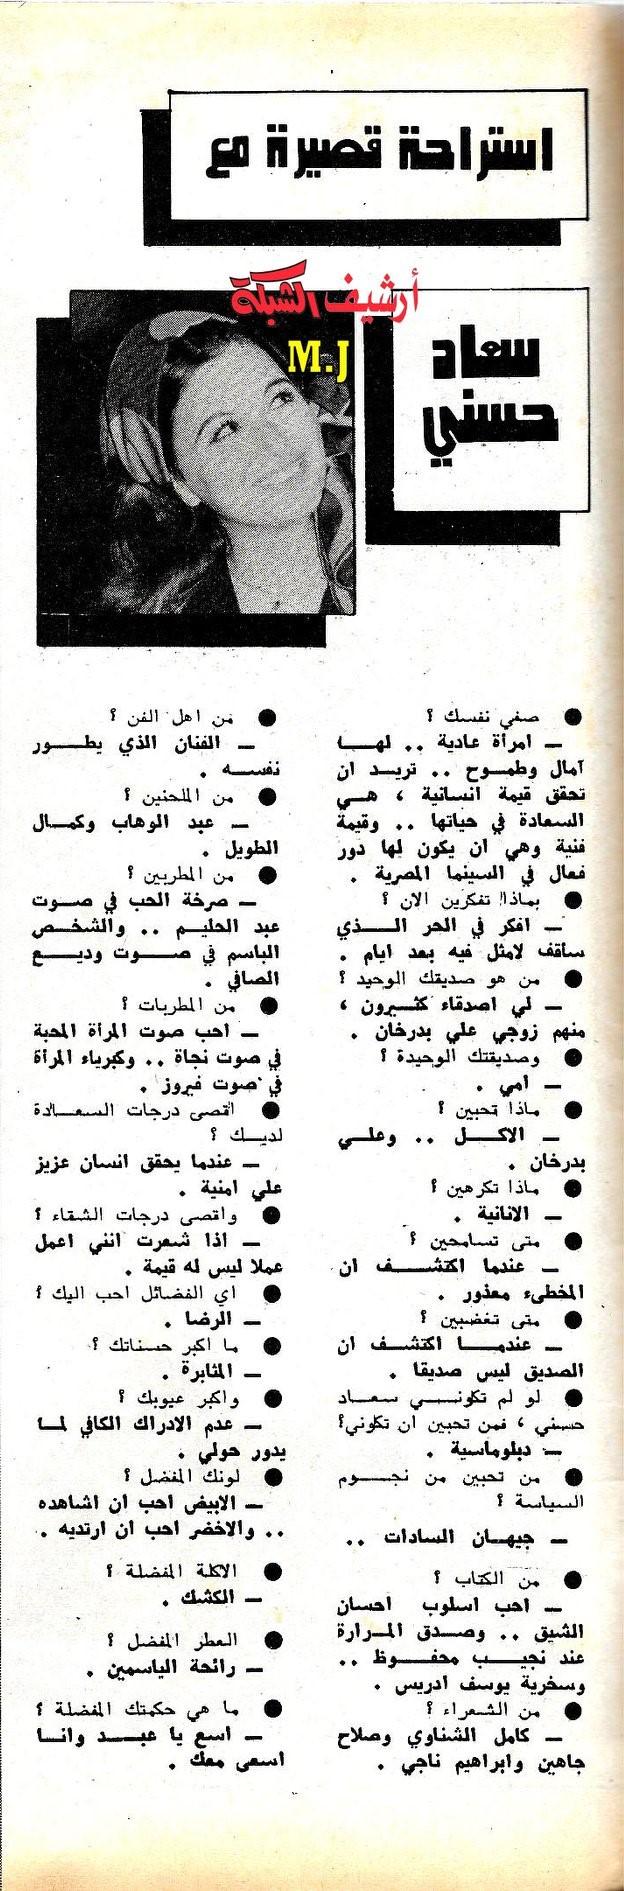 حوار صحفي : استراحة قصيرة مع .. سعاد حسني 1974 م Oyo_ao10